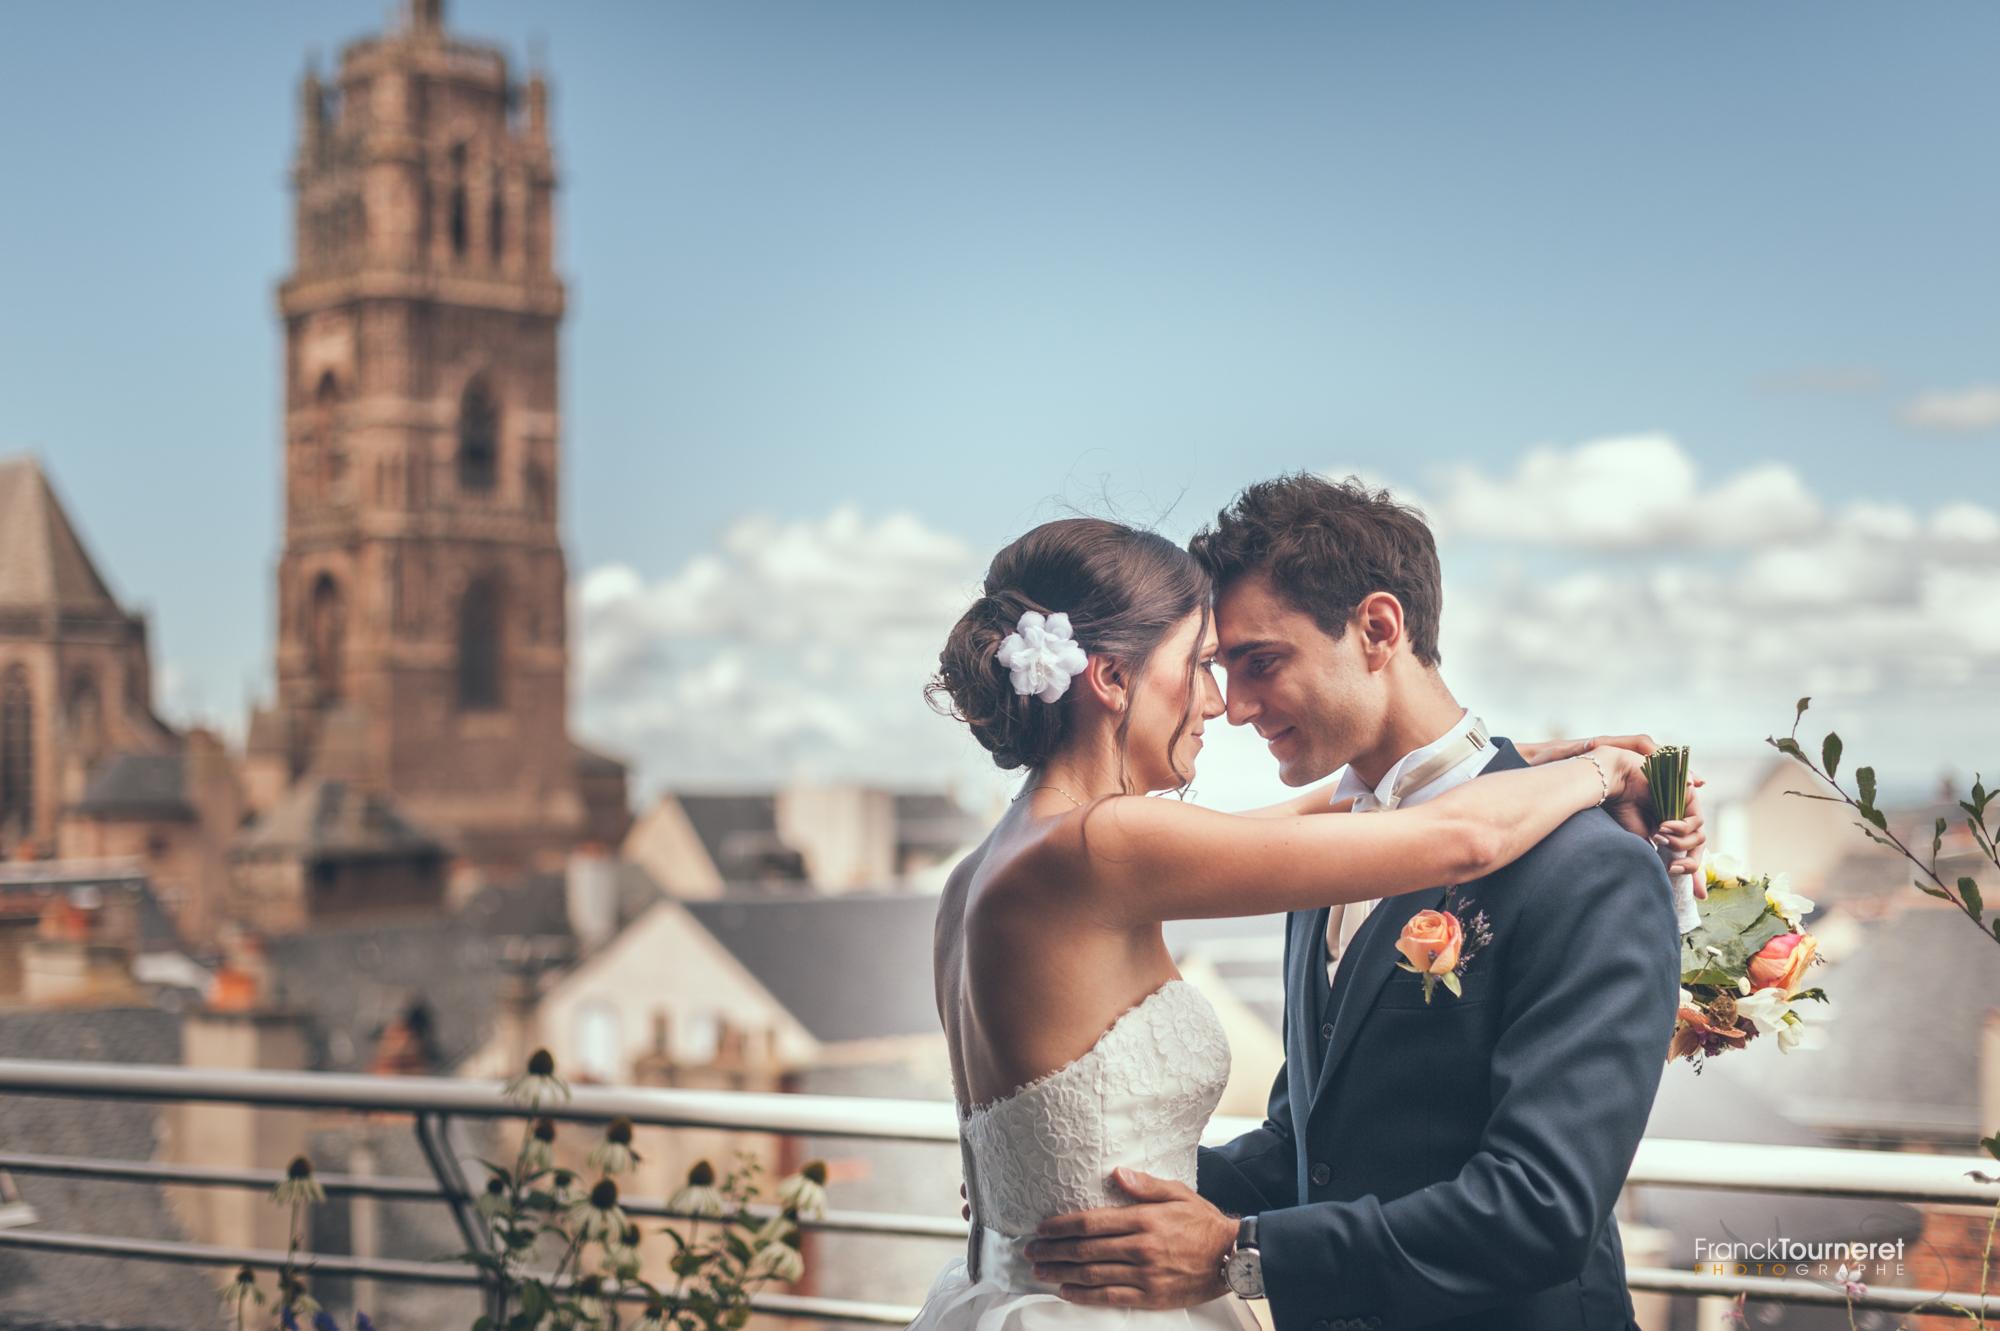 Choisir son photographe de mariage à Rodez ou ailleurs